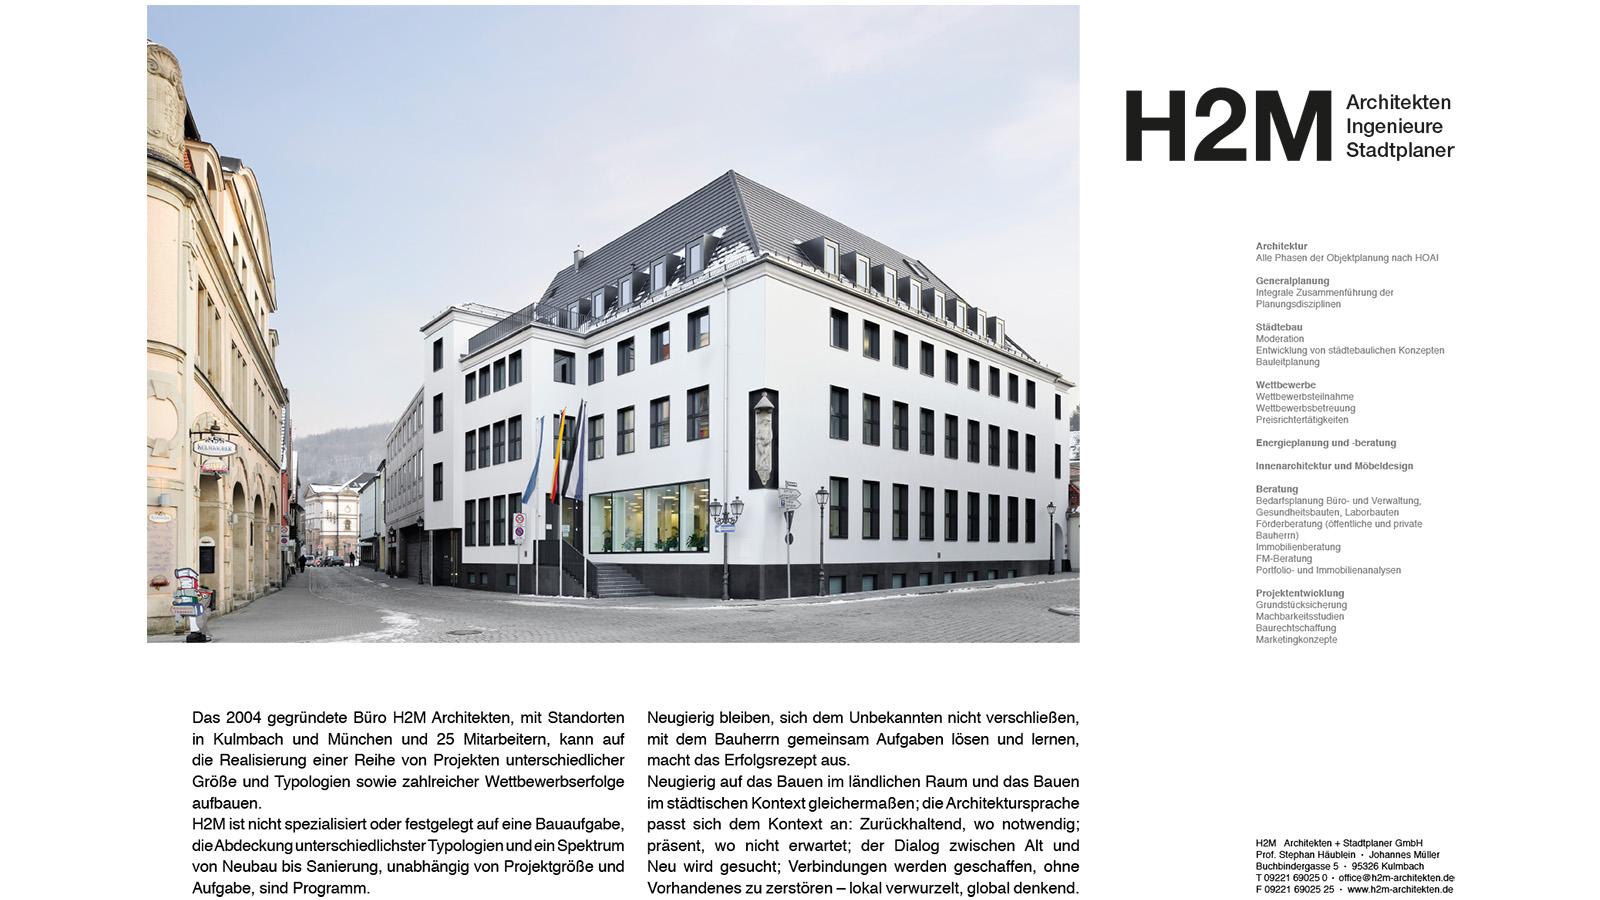 H2m Architekten vortrag cluster energie innovation bauen h2m architekten